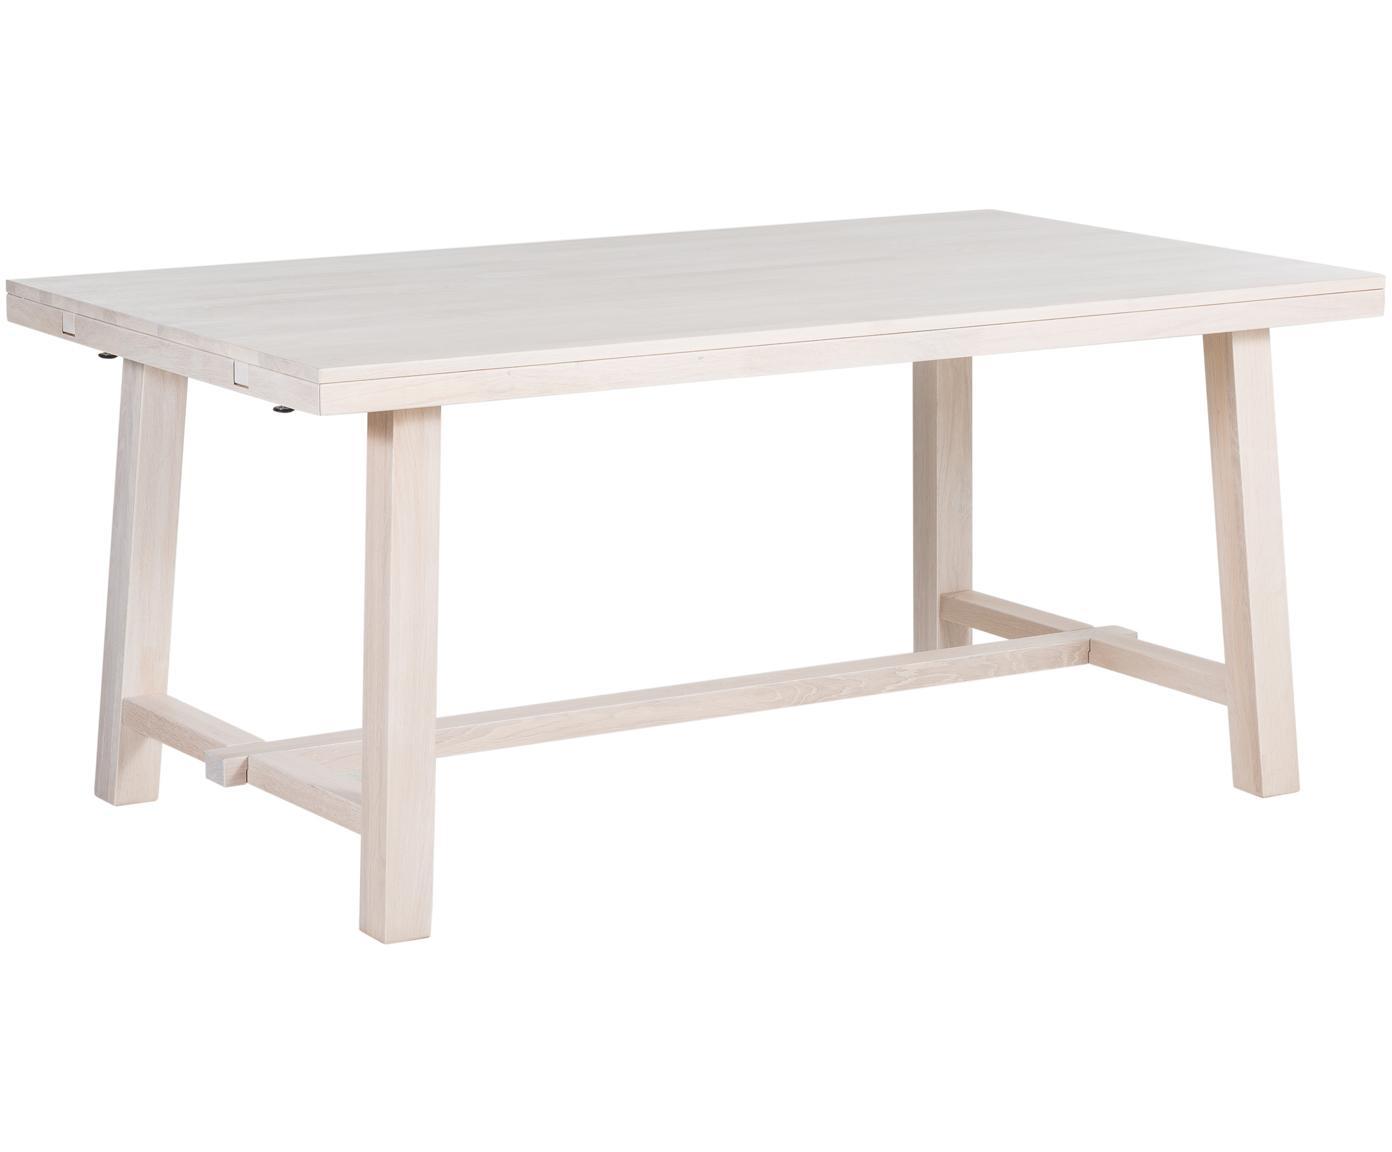 Tavolo allungabile in legno massello Brooklyn, Legno di quercia, massello, bianco slavato e oliato, Legno di quercia, bianco latteo, Larg. 170  a 220 x Prof. 95 cm